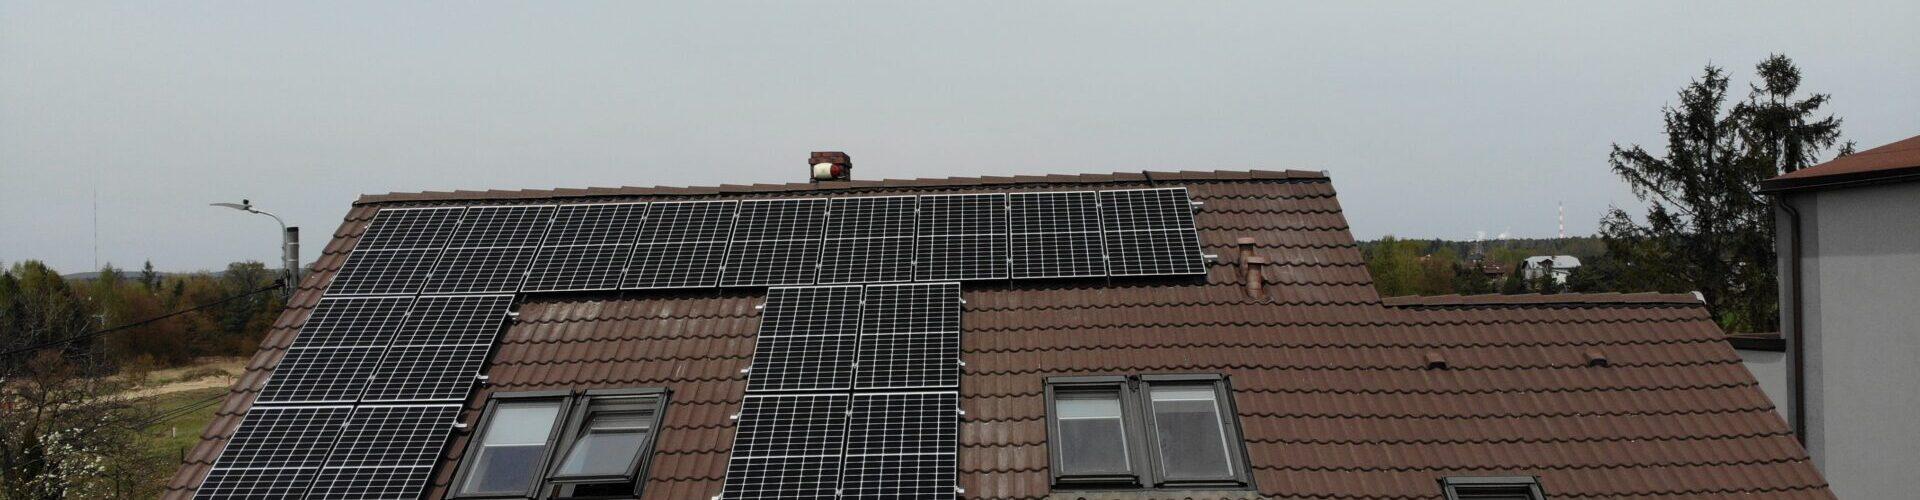 montaż paneli fotowoltaicznych na dachówce betonowej